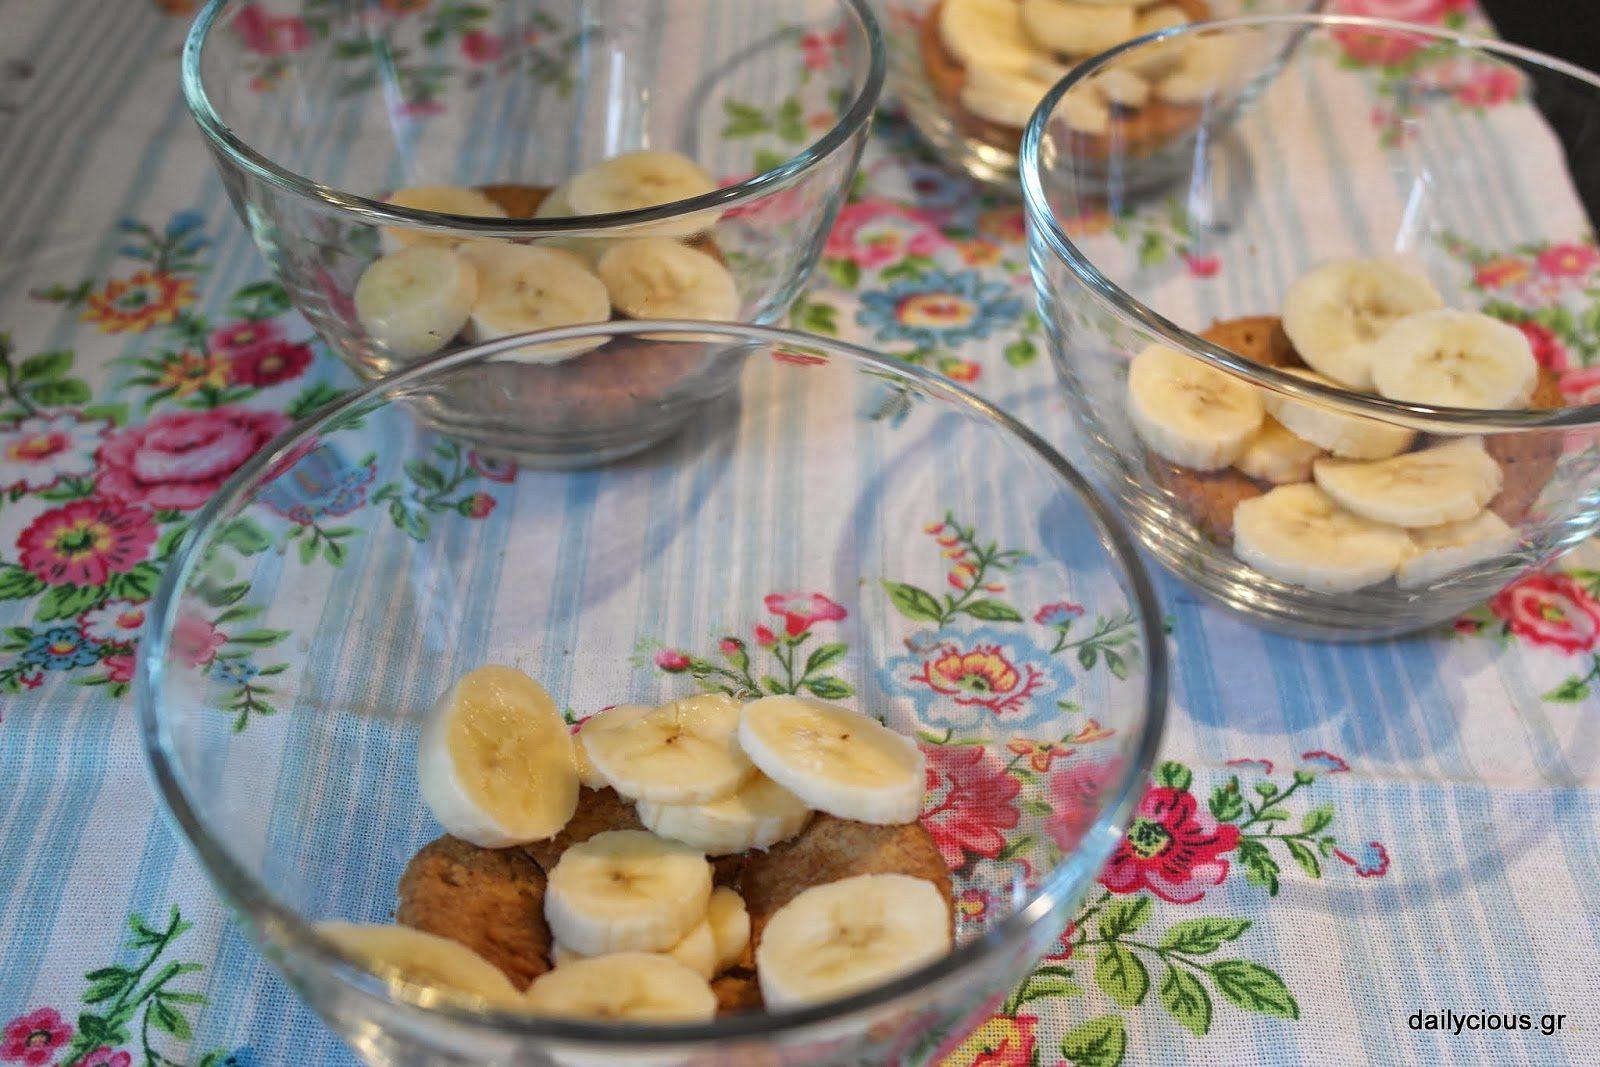 Η μπανάνα κομμένη σε ροδέλες.